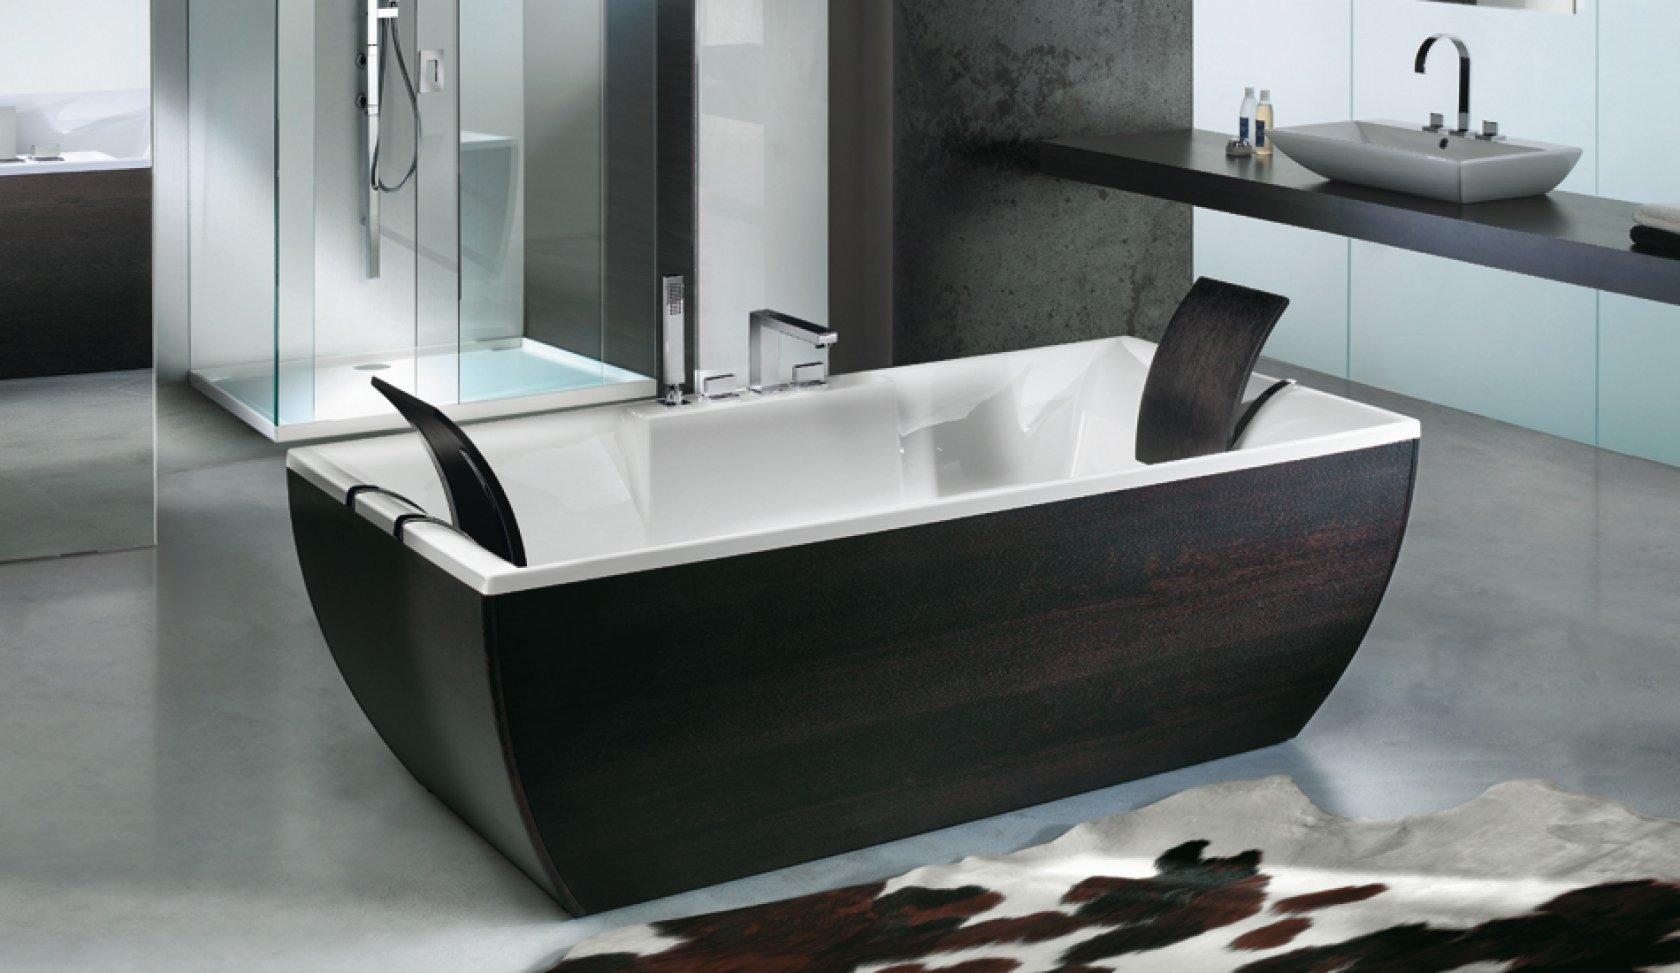 Vasca Da Bagno Con Pannelli Prezzi : Blubleu vasche da bagno vasche da bagno edilceramiche di maccanò